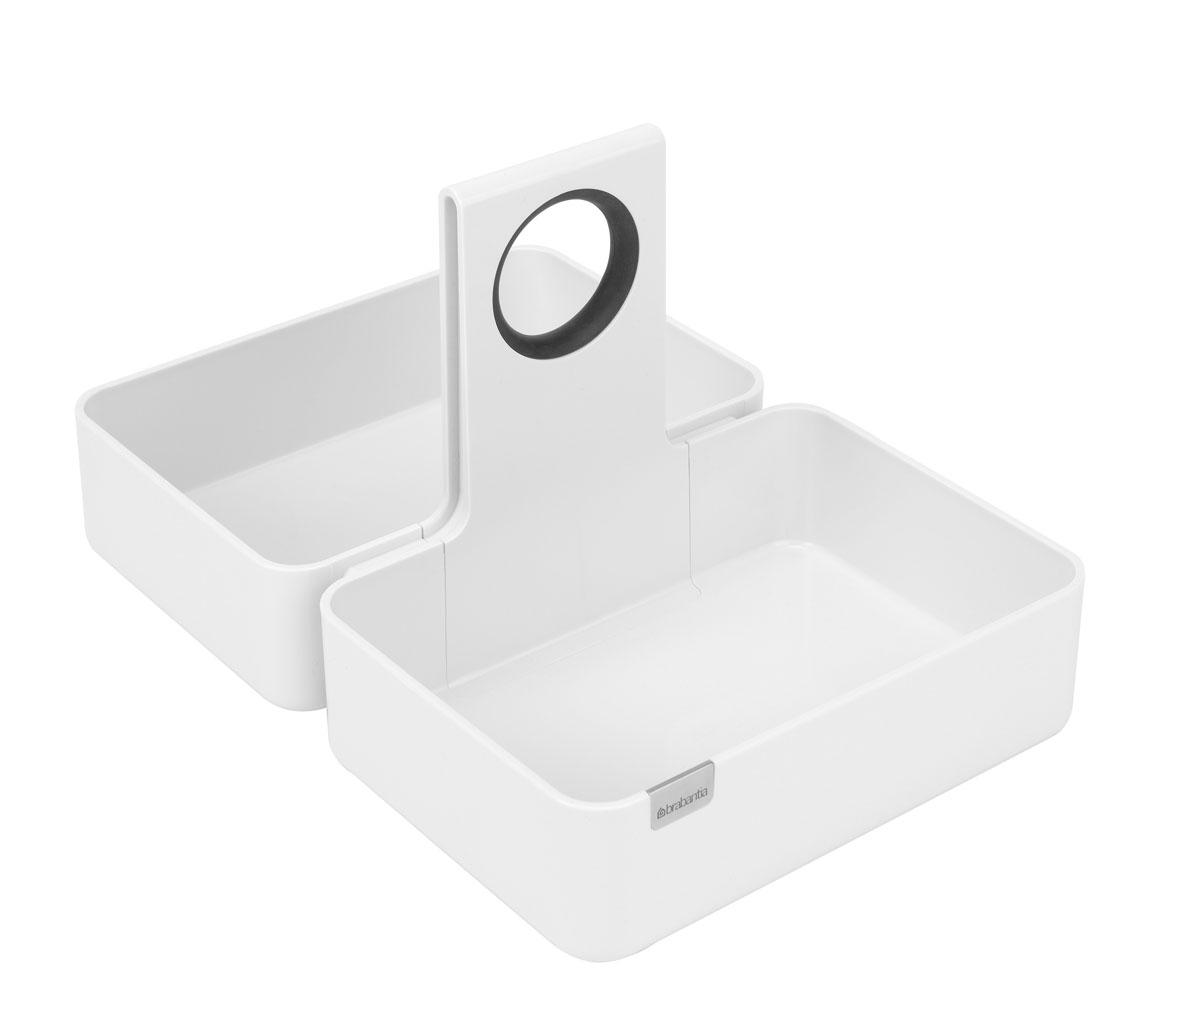 Кухонная подставка-органайзер Brabantia, цвет: белый. Размер M4630003364517Модульная конструкция, эффективное использование пространства. Подходит для размещения корзинки для хлеба. Подходит для всех распространенных размеров кухонных ящиков и шкафов; Эргономичное изделие с удобной ручкой; Отличное решение для упорядоченного хранения различных предметов;Идеальное решение для хранения продуктов в фабричной упаковке (рис, макаронные изделия и т.п.); Стильный дизайн – можно использовать на обеденном или рабочем столе; Противоскользящие накладки на дне предотвращают перемещение подставки в ящике или шкафу; Прочное долговечное изделие из высококачественных материалов; Легко чистится благодаря сглаженным формам и коррозионностойким свойствам; Размер: 360 х 245 х 175 мм.